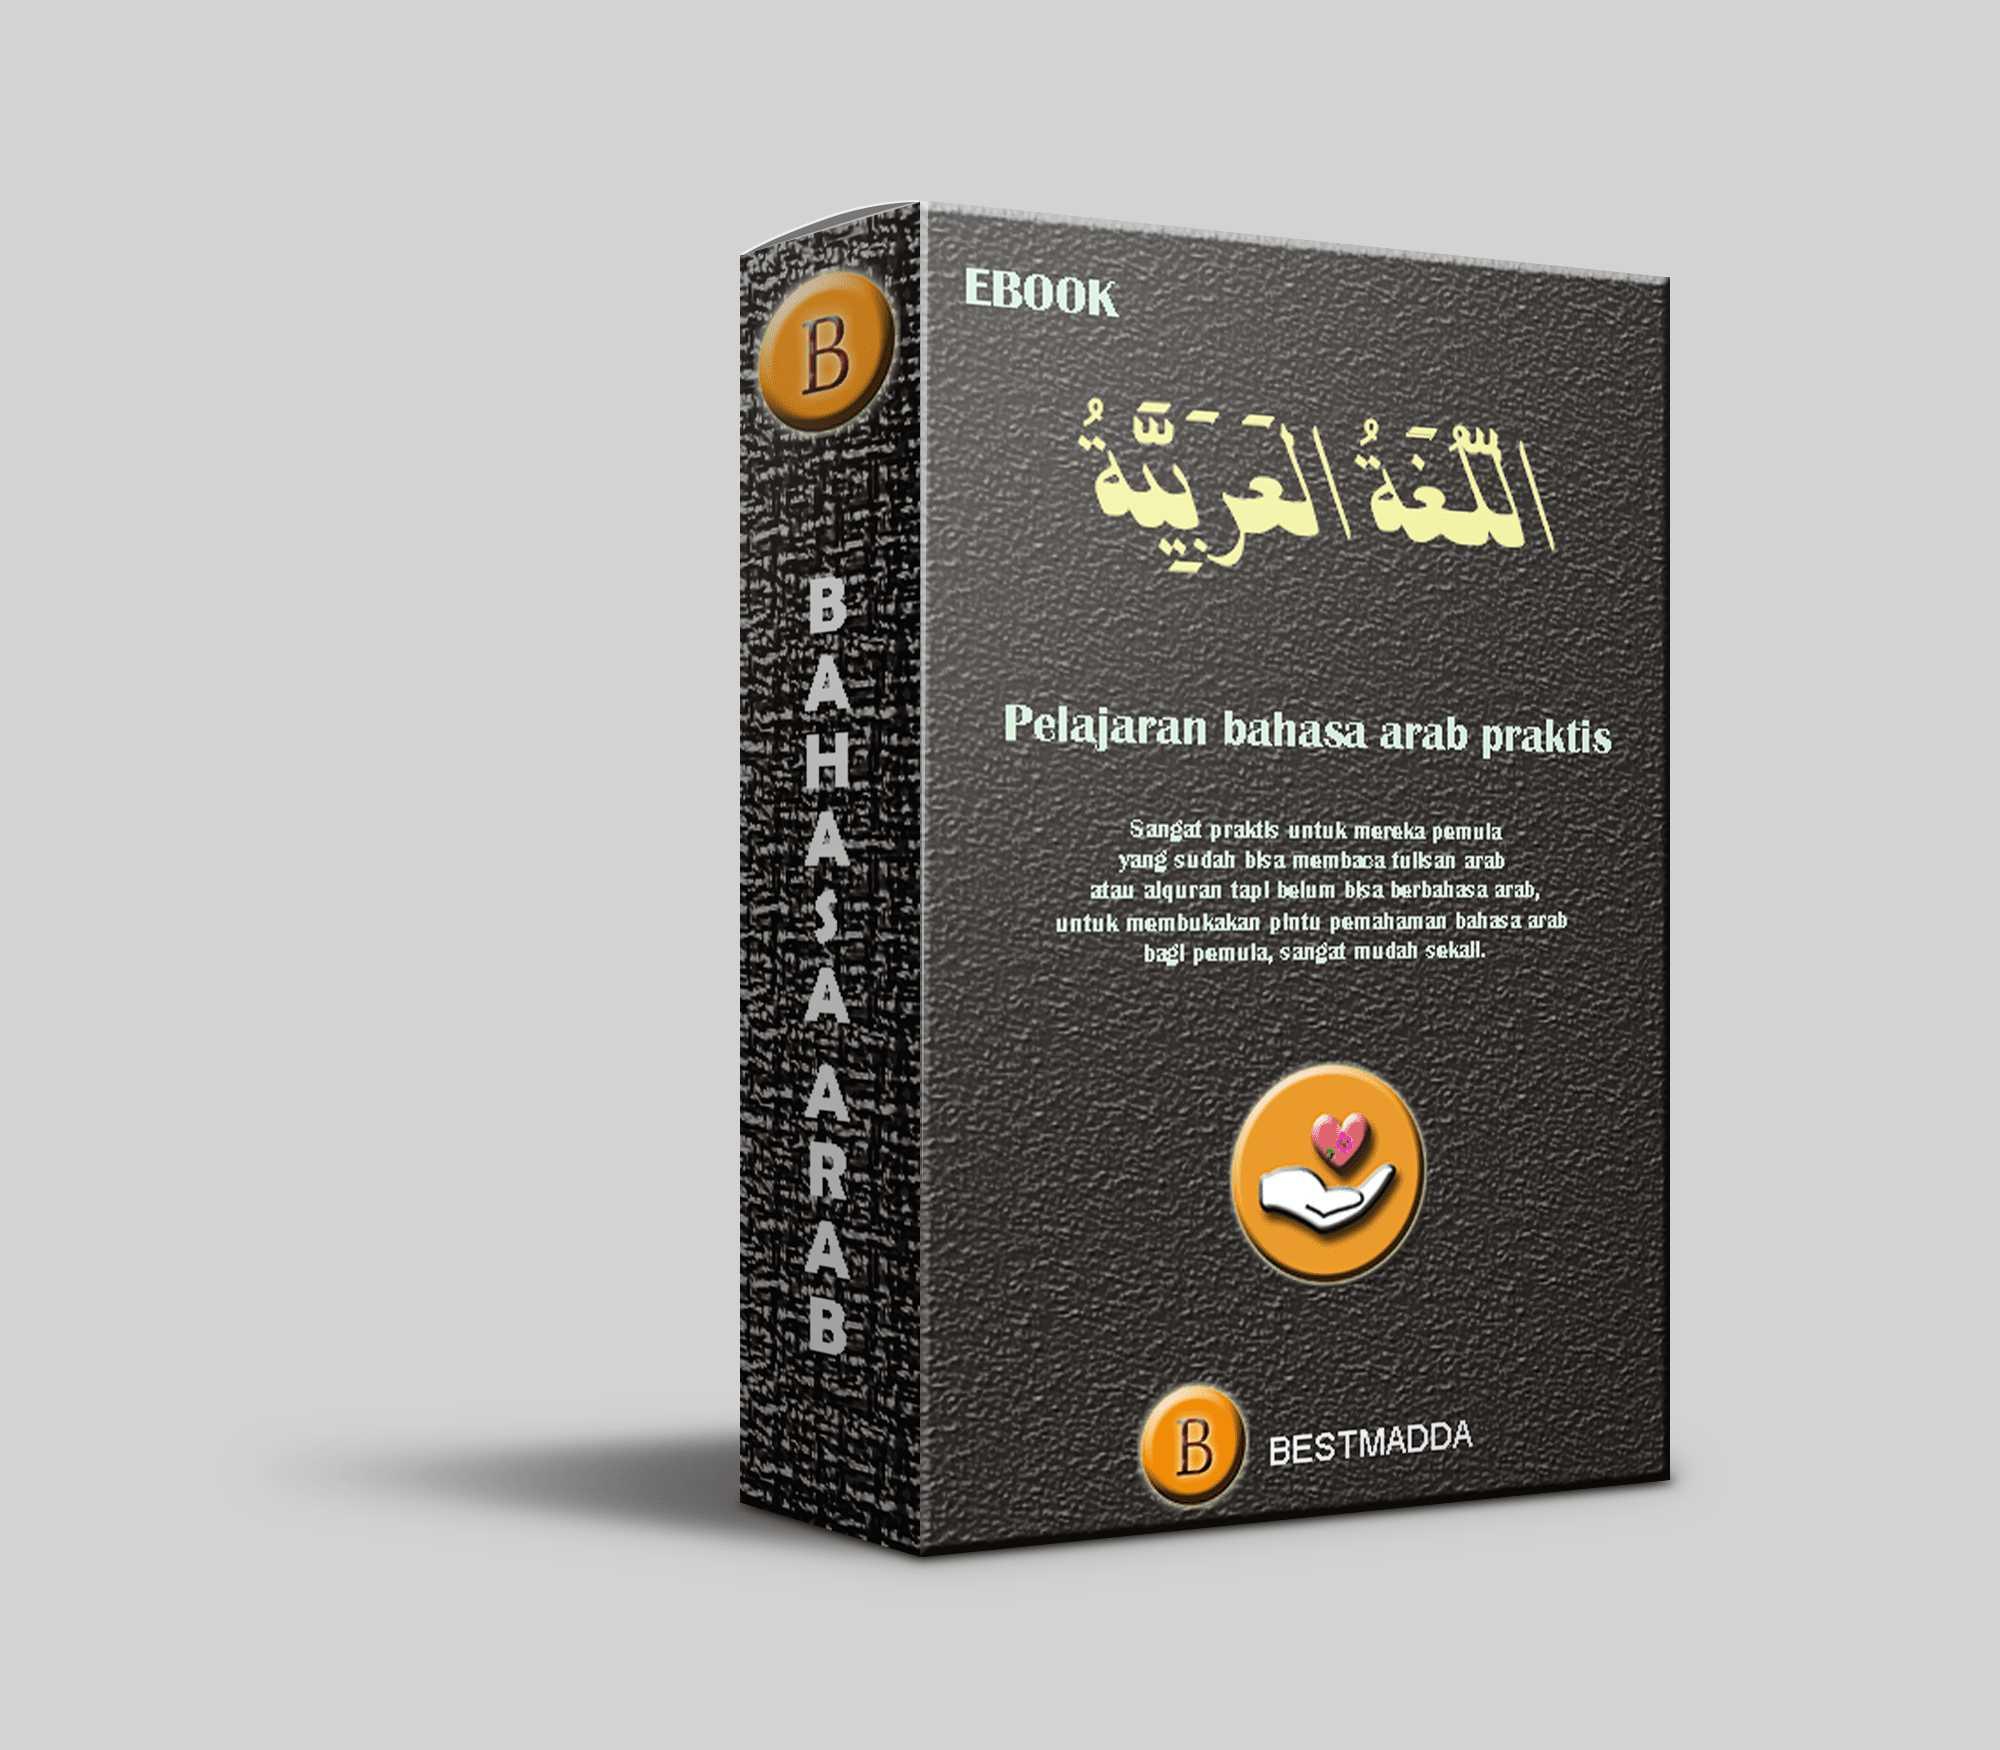 Belajar bahasa arab cukup 12 pertemuan